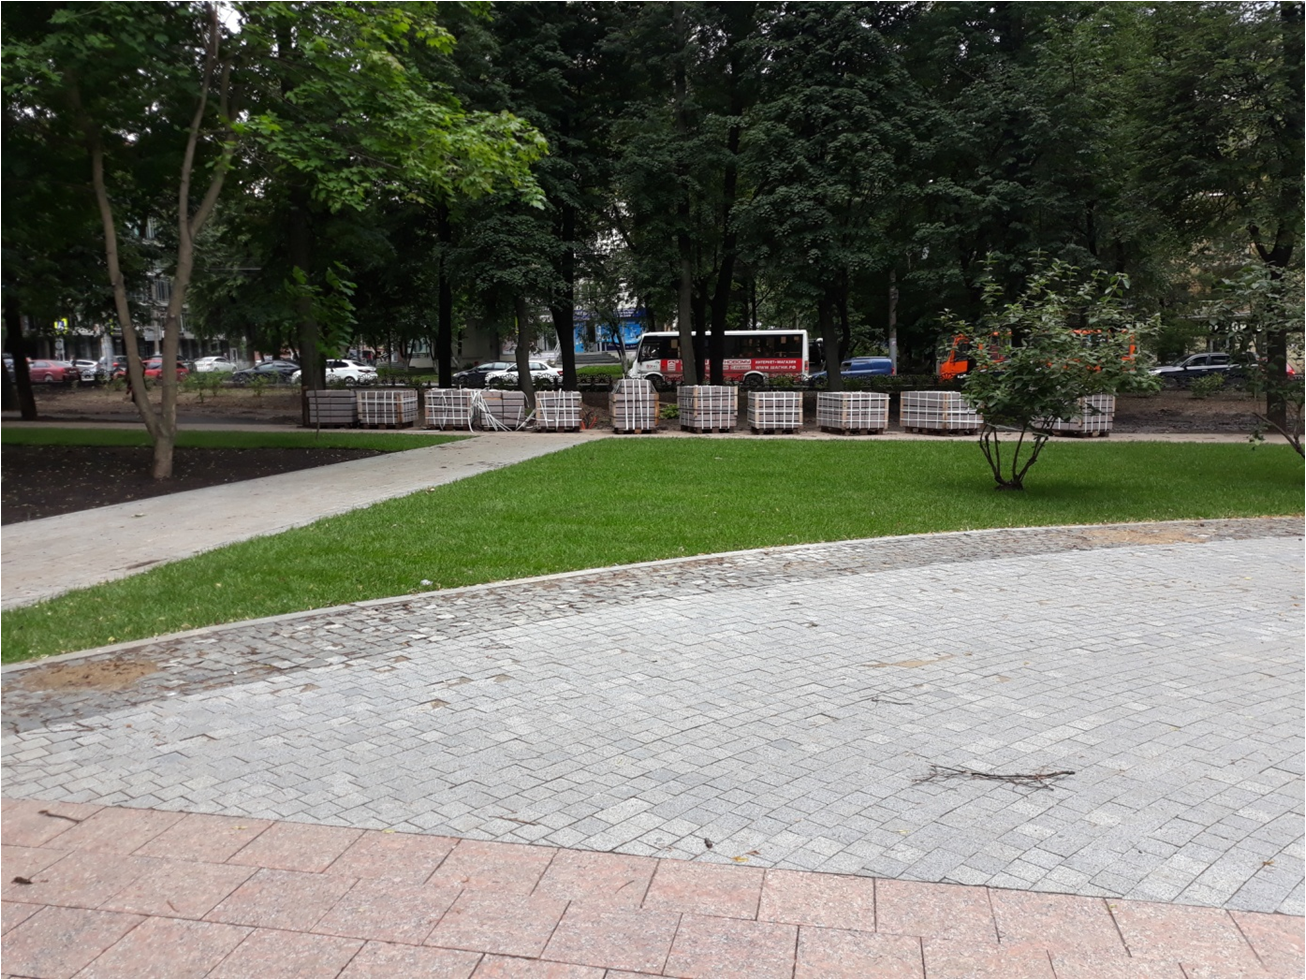 В сквере имени 1905 года в Нижнем Новгороде на 80% уложена брусчатка и гранитные плиты